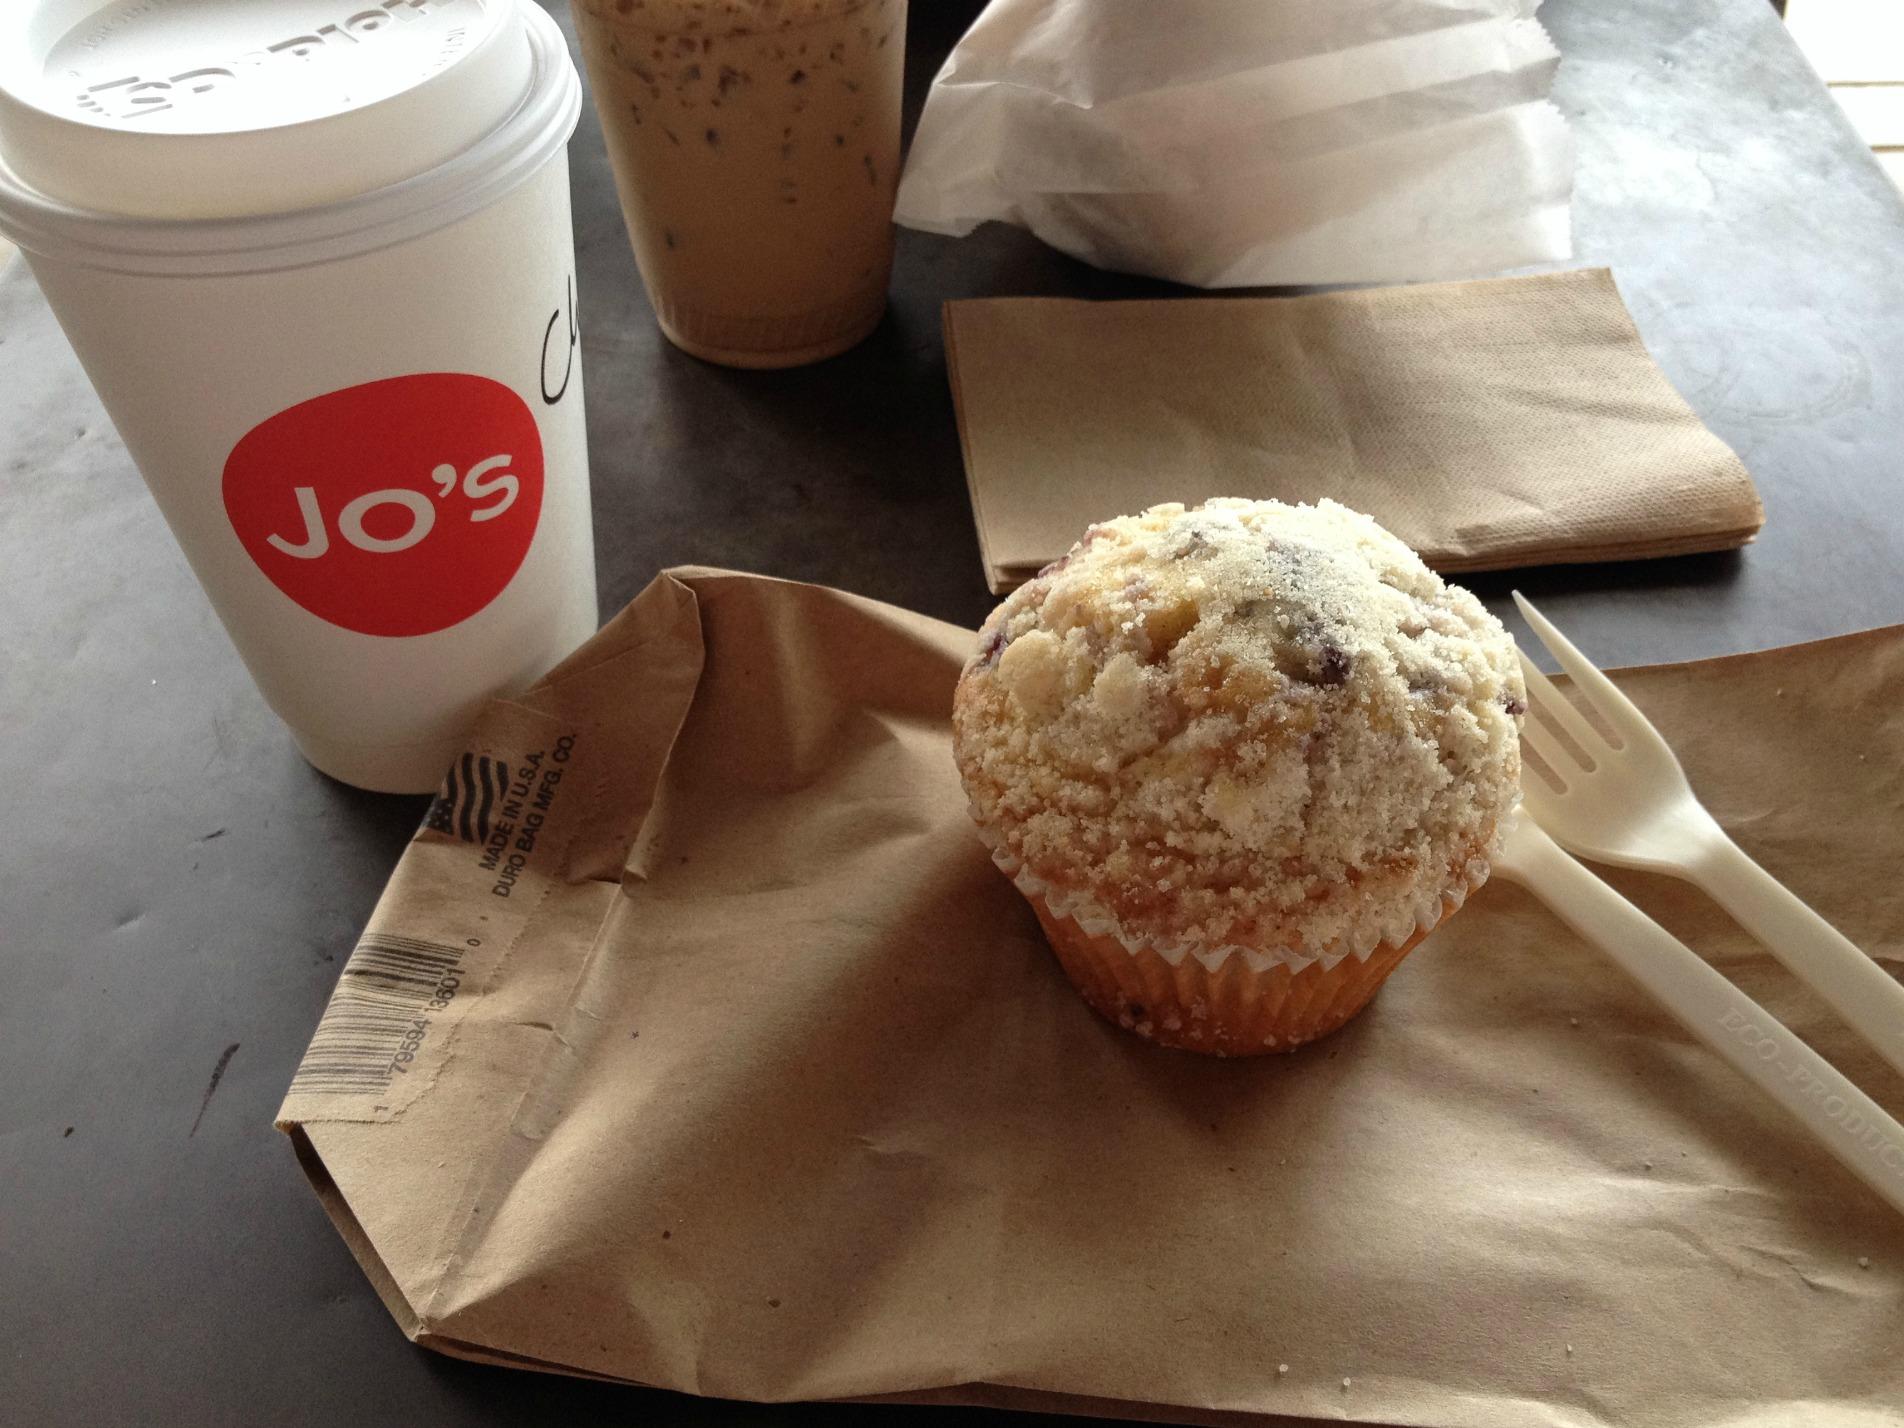 breakfast at jo's coffee